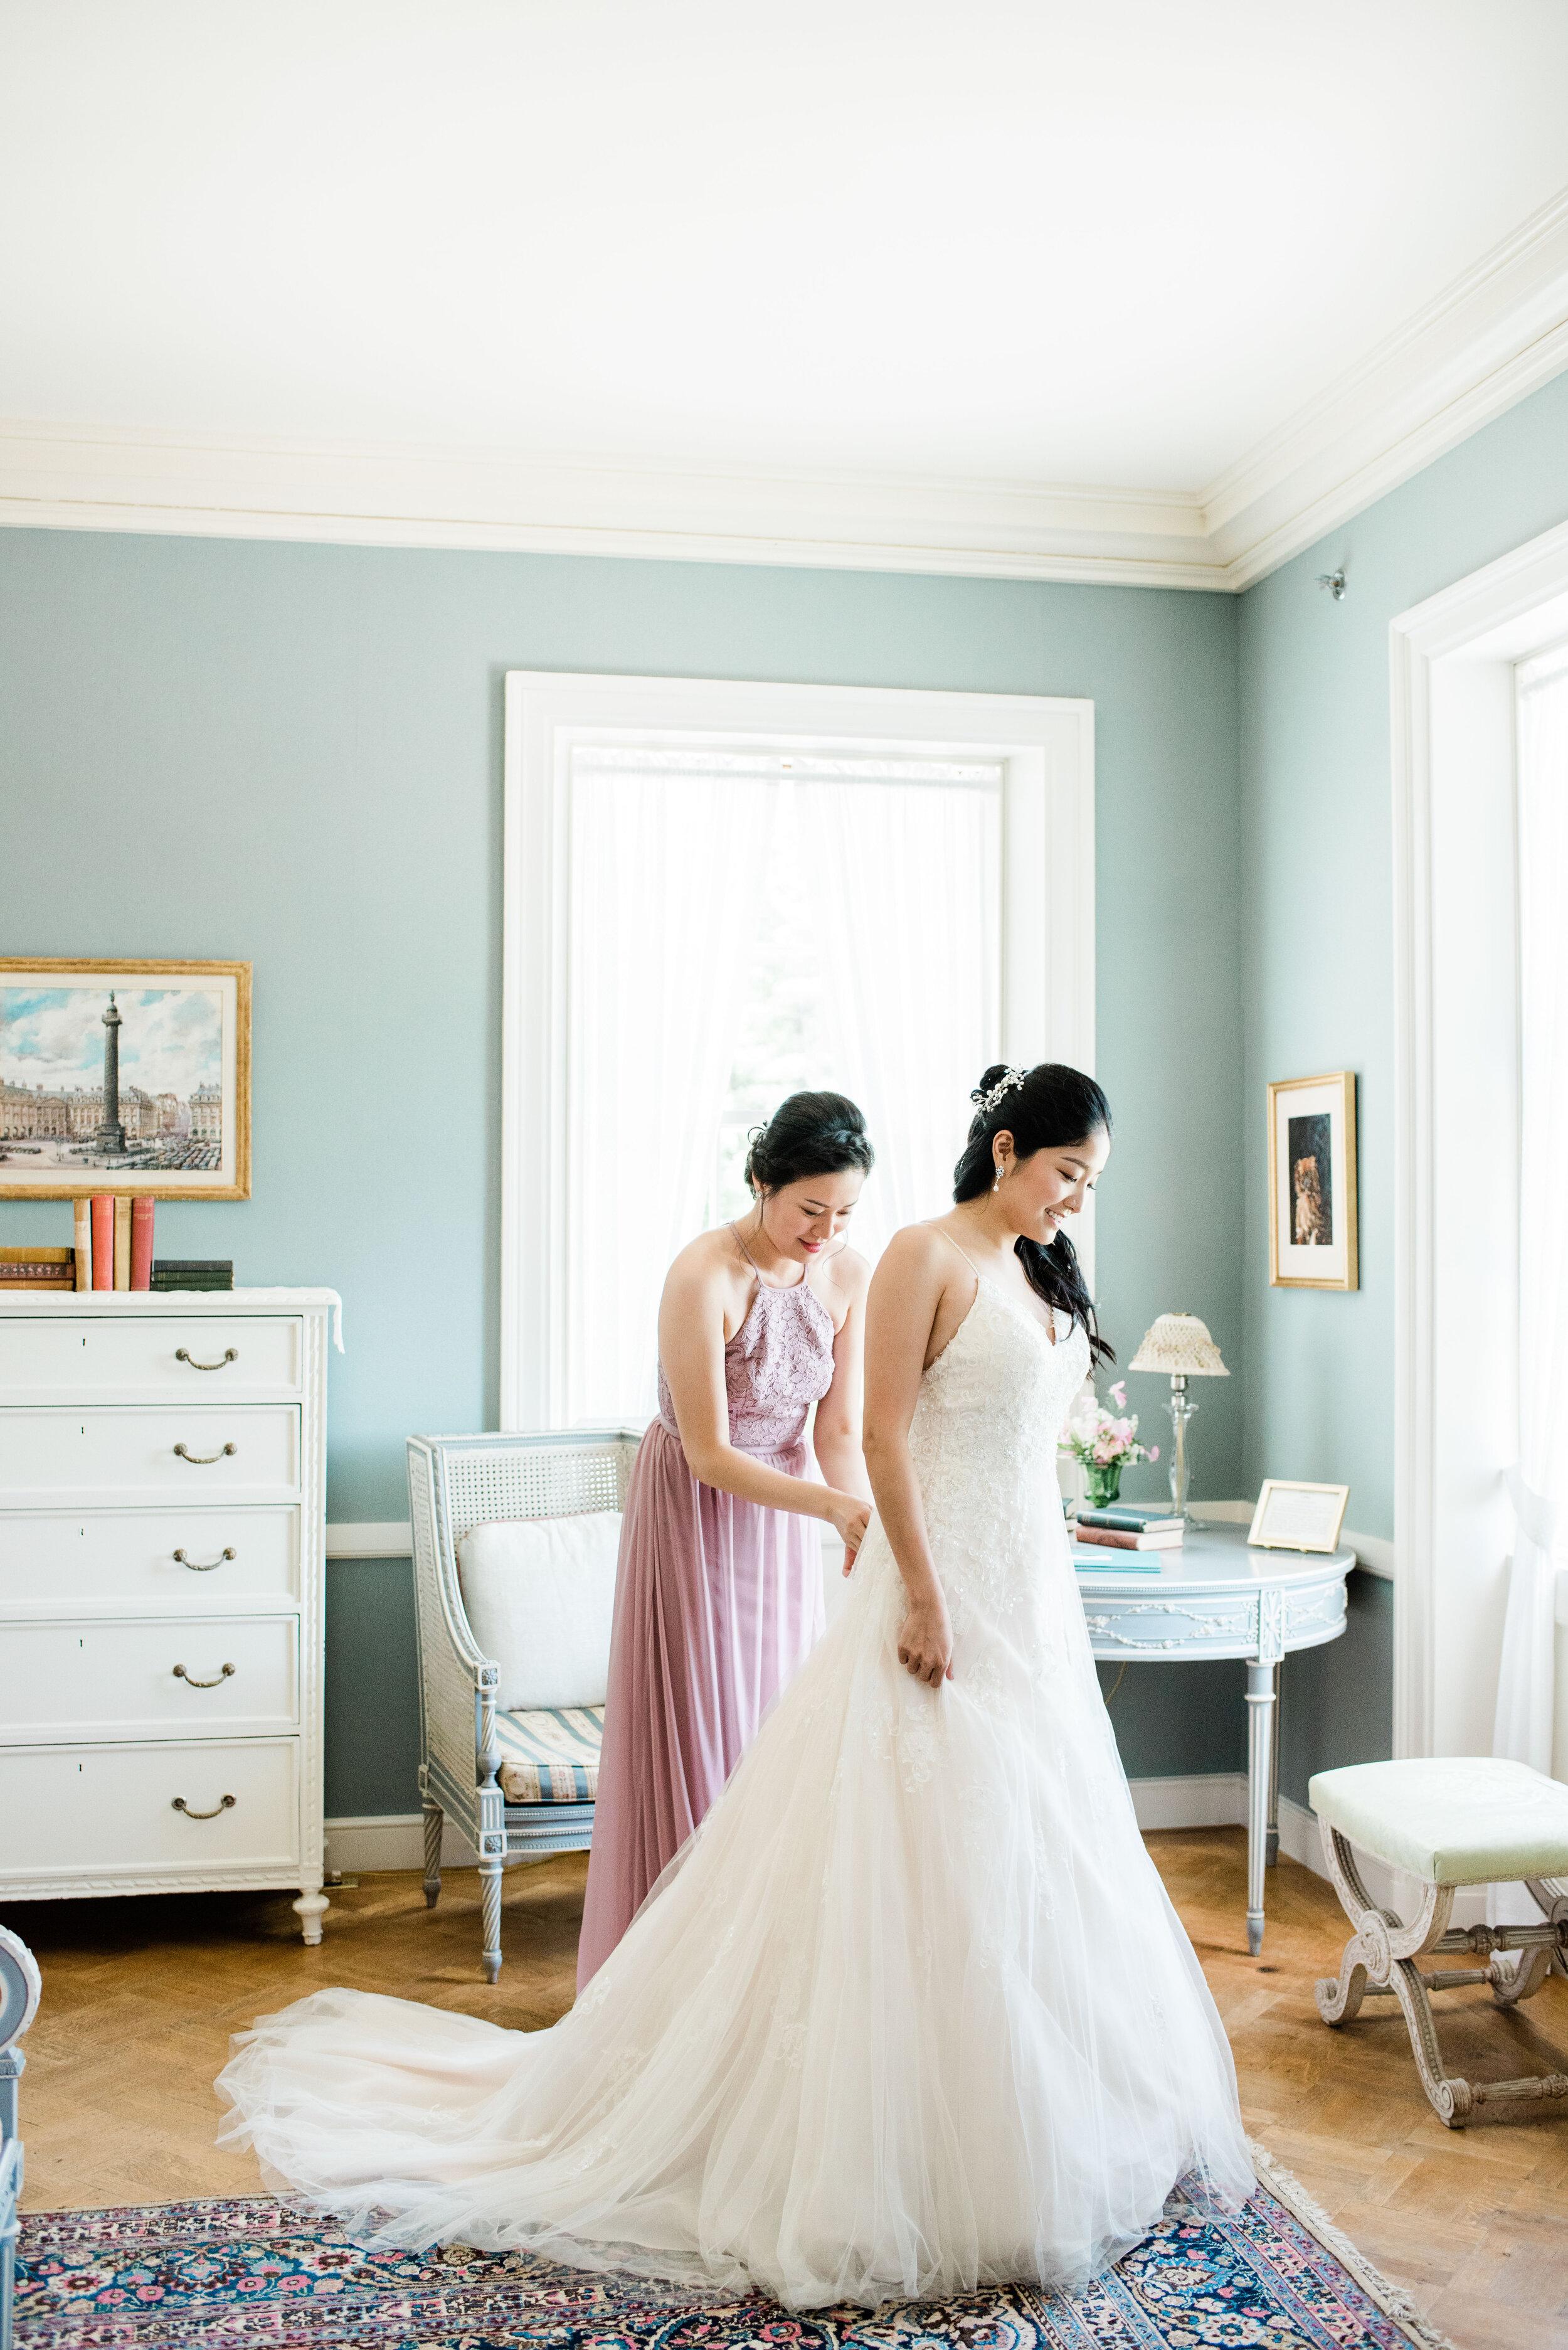 Fine Art Wedding at Edith Wharton's Estate